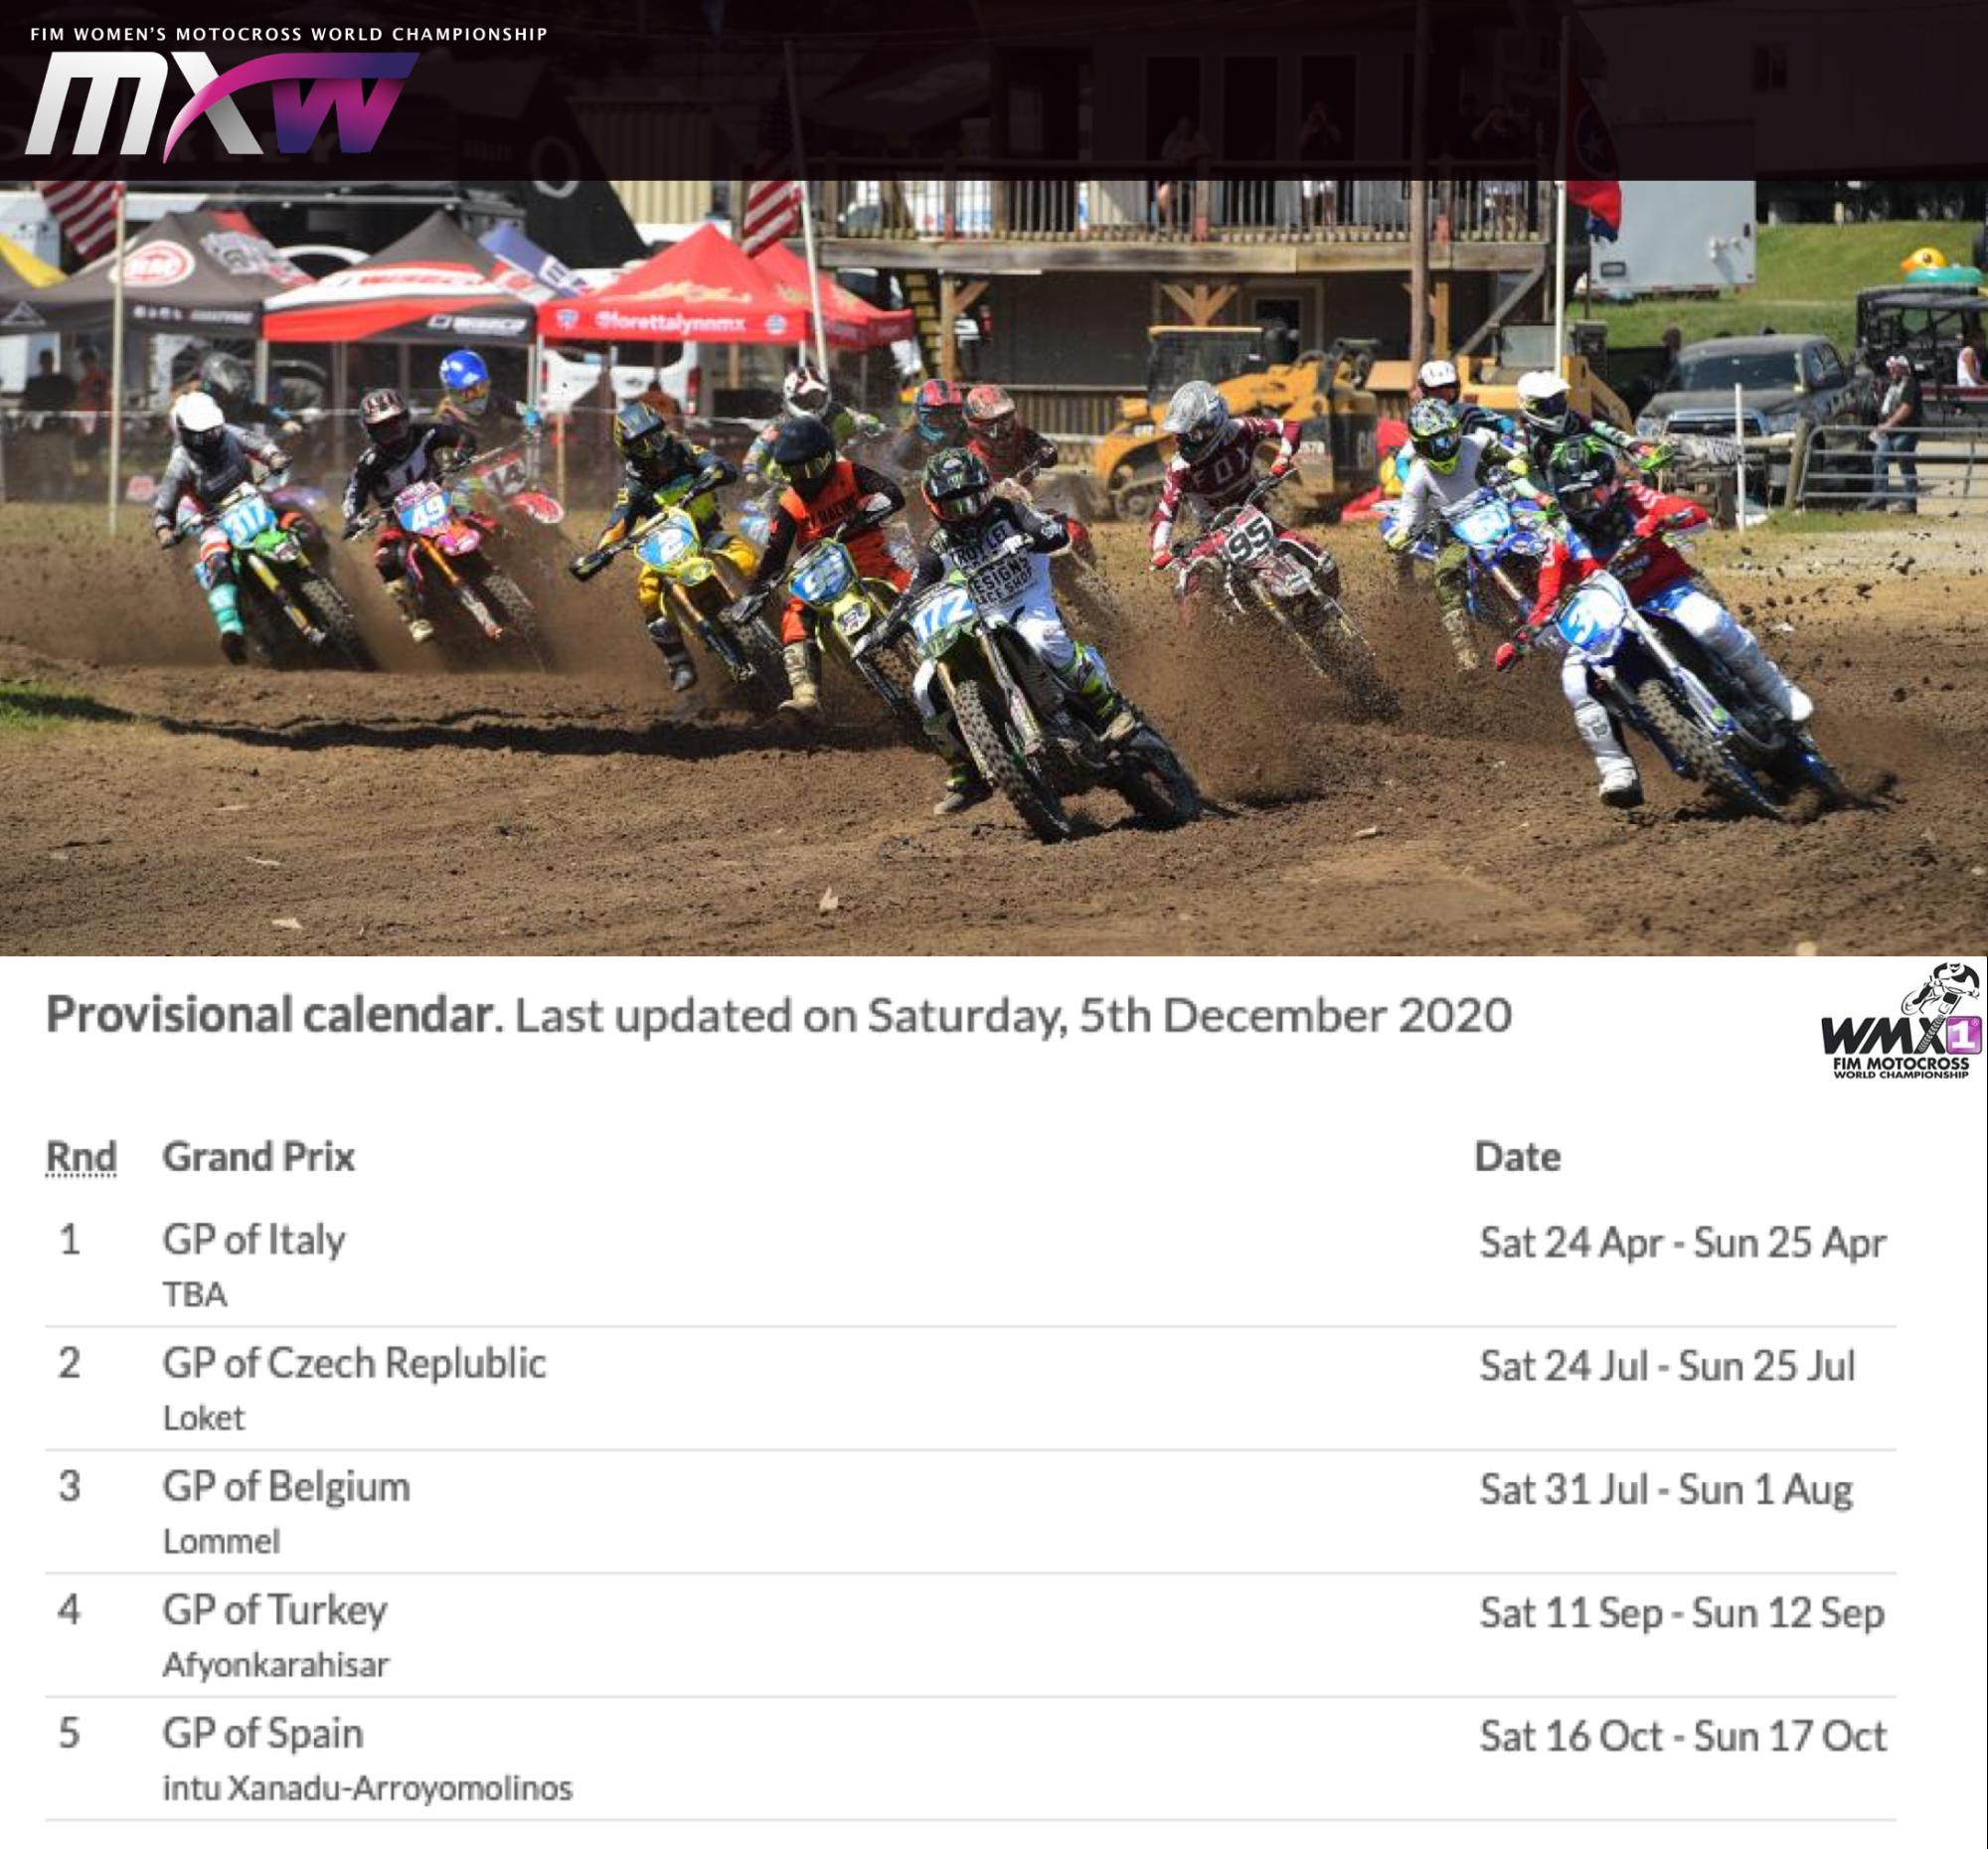 Womens motocross world championship, WMX Calendar